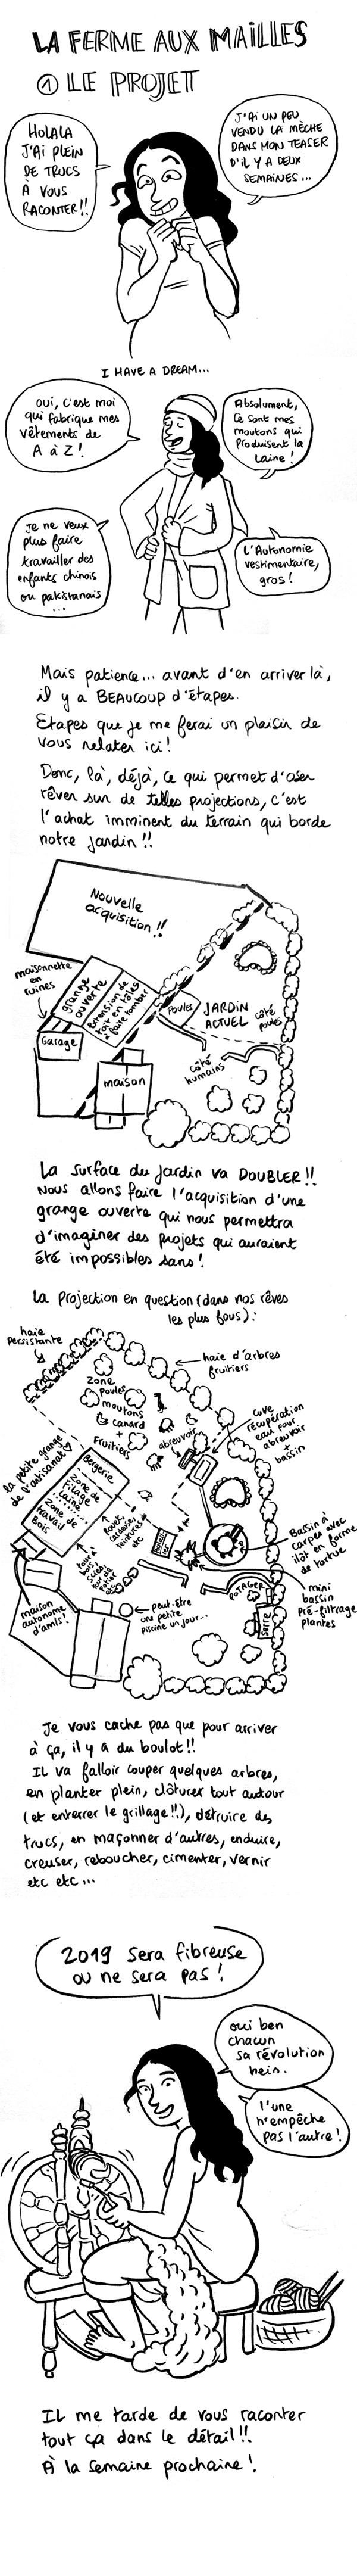 http://melaka.free.fr/blog/fermemailles.jpg